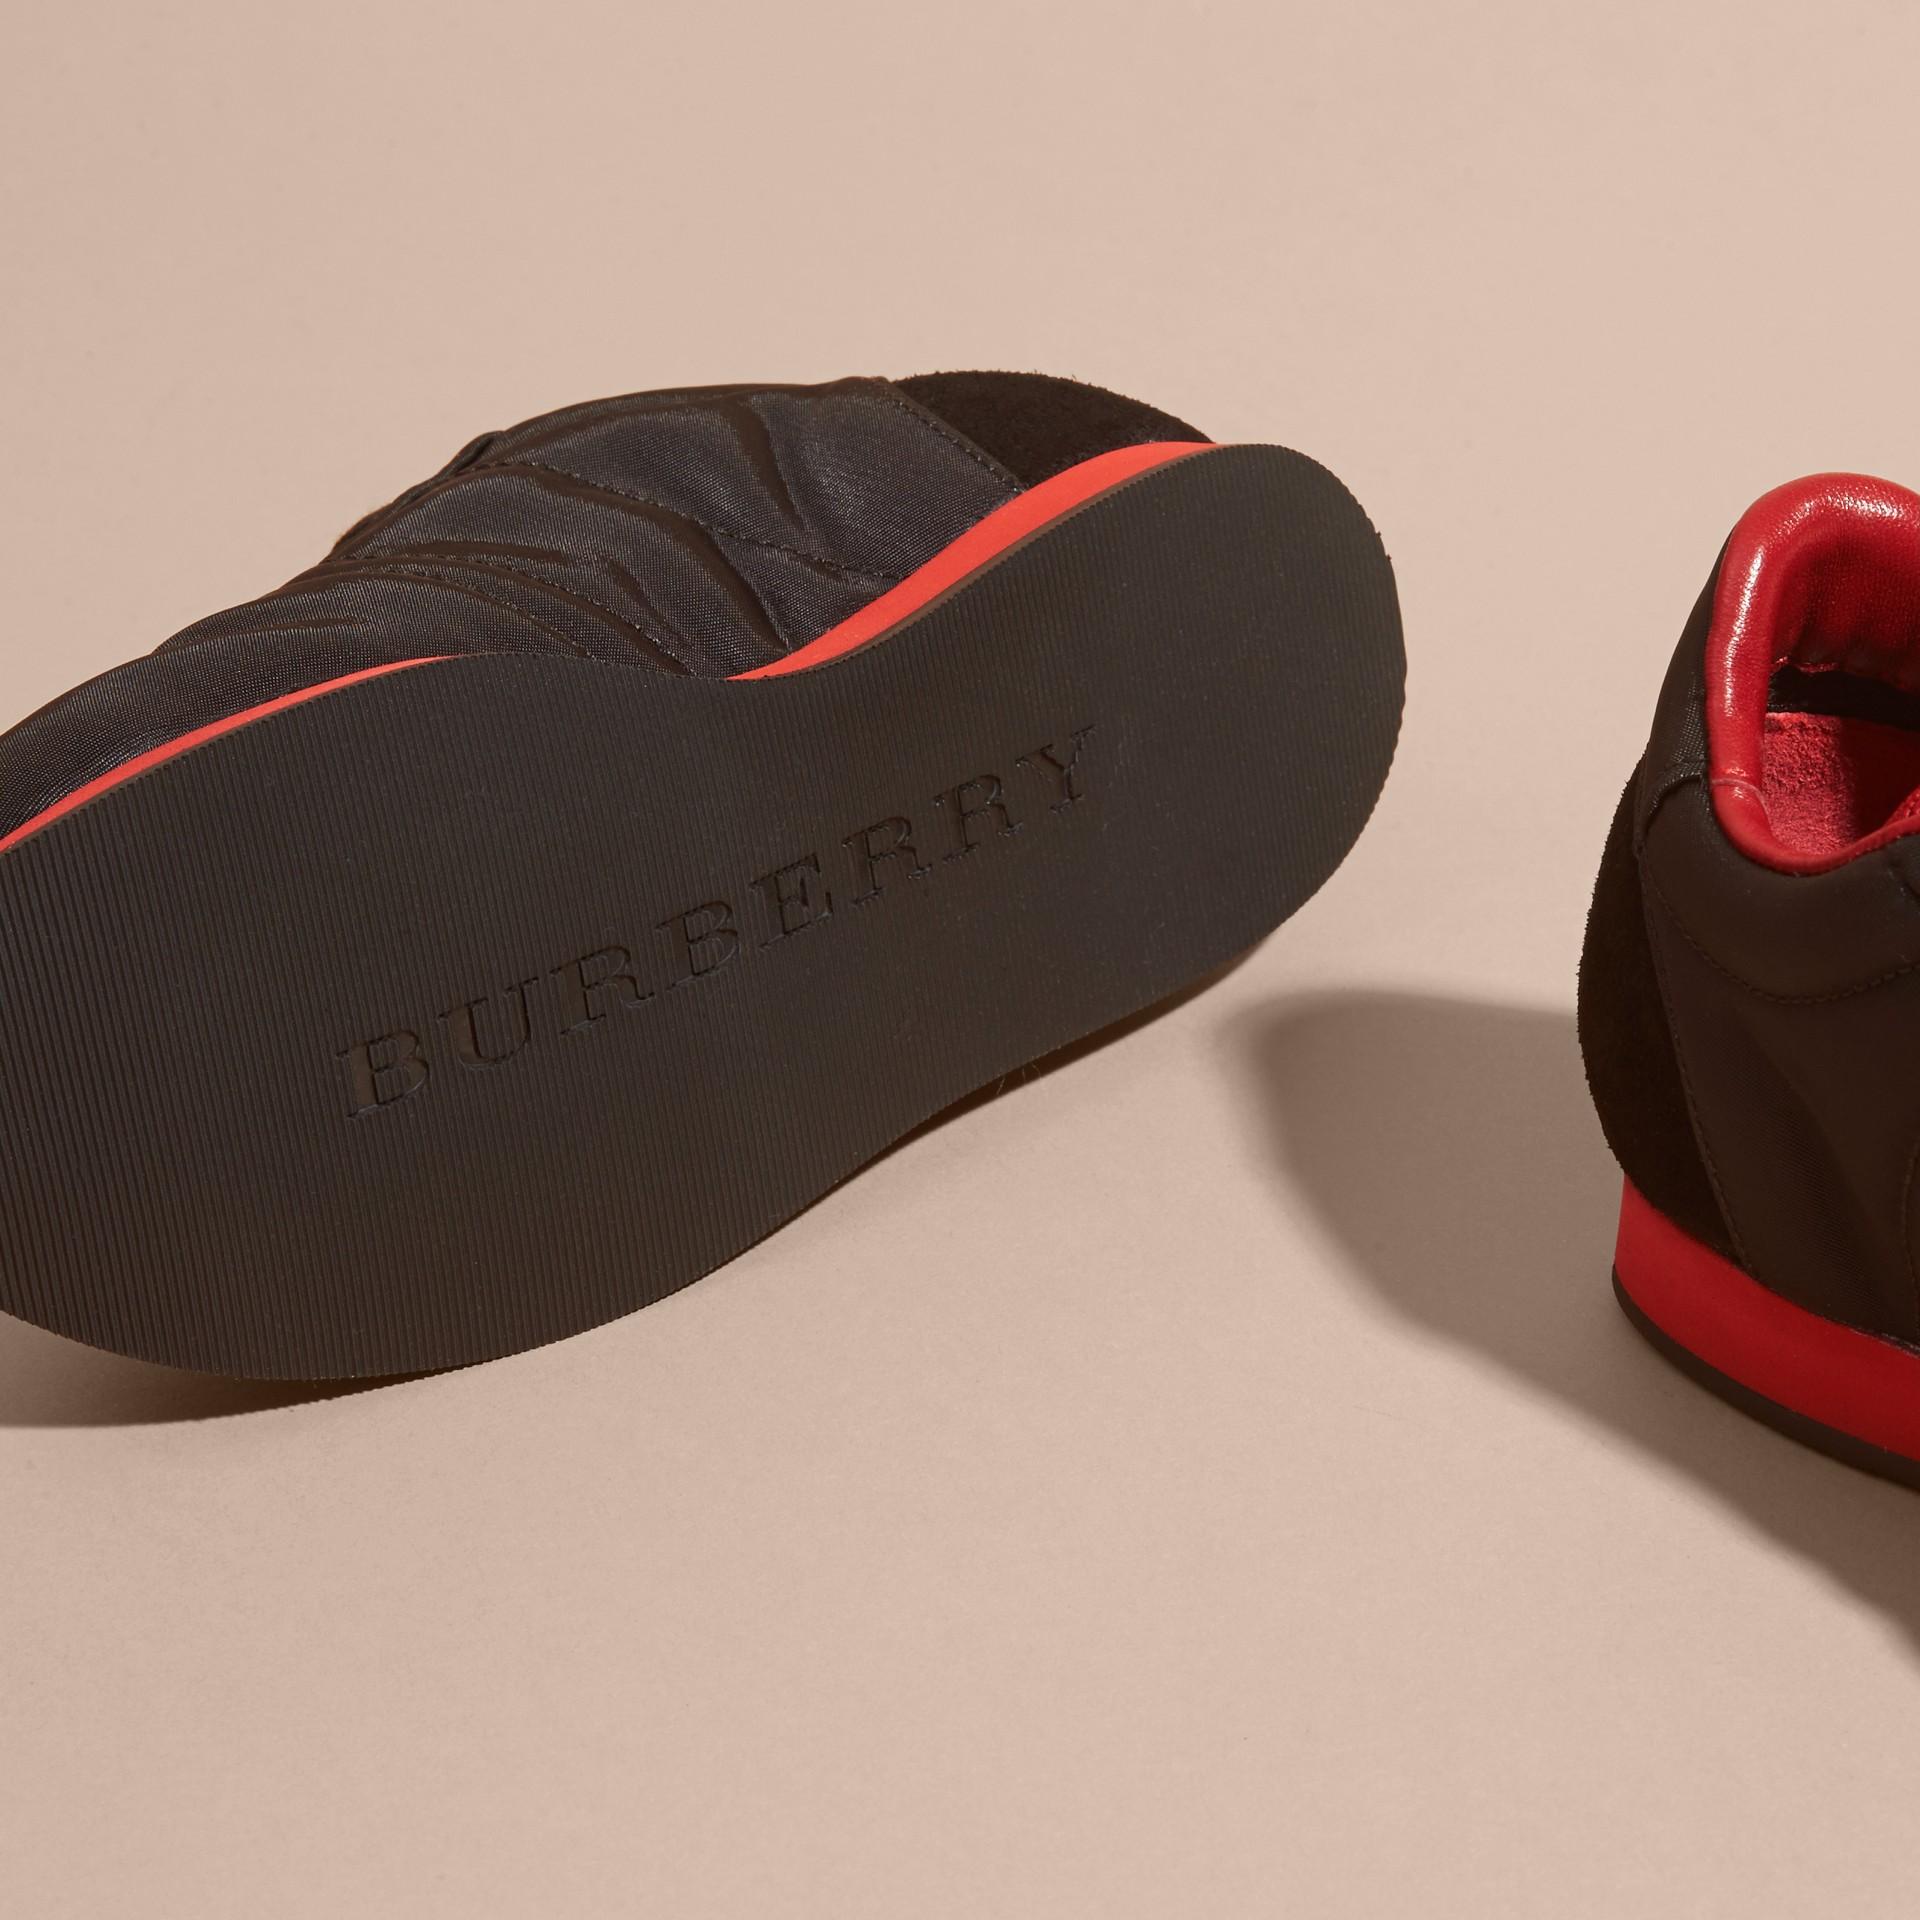 Negro/rojo militar Zapatillas deportivas en piel y raso con franjas de colores Negro/rojo Militar - imagen de la galería 2